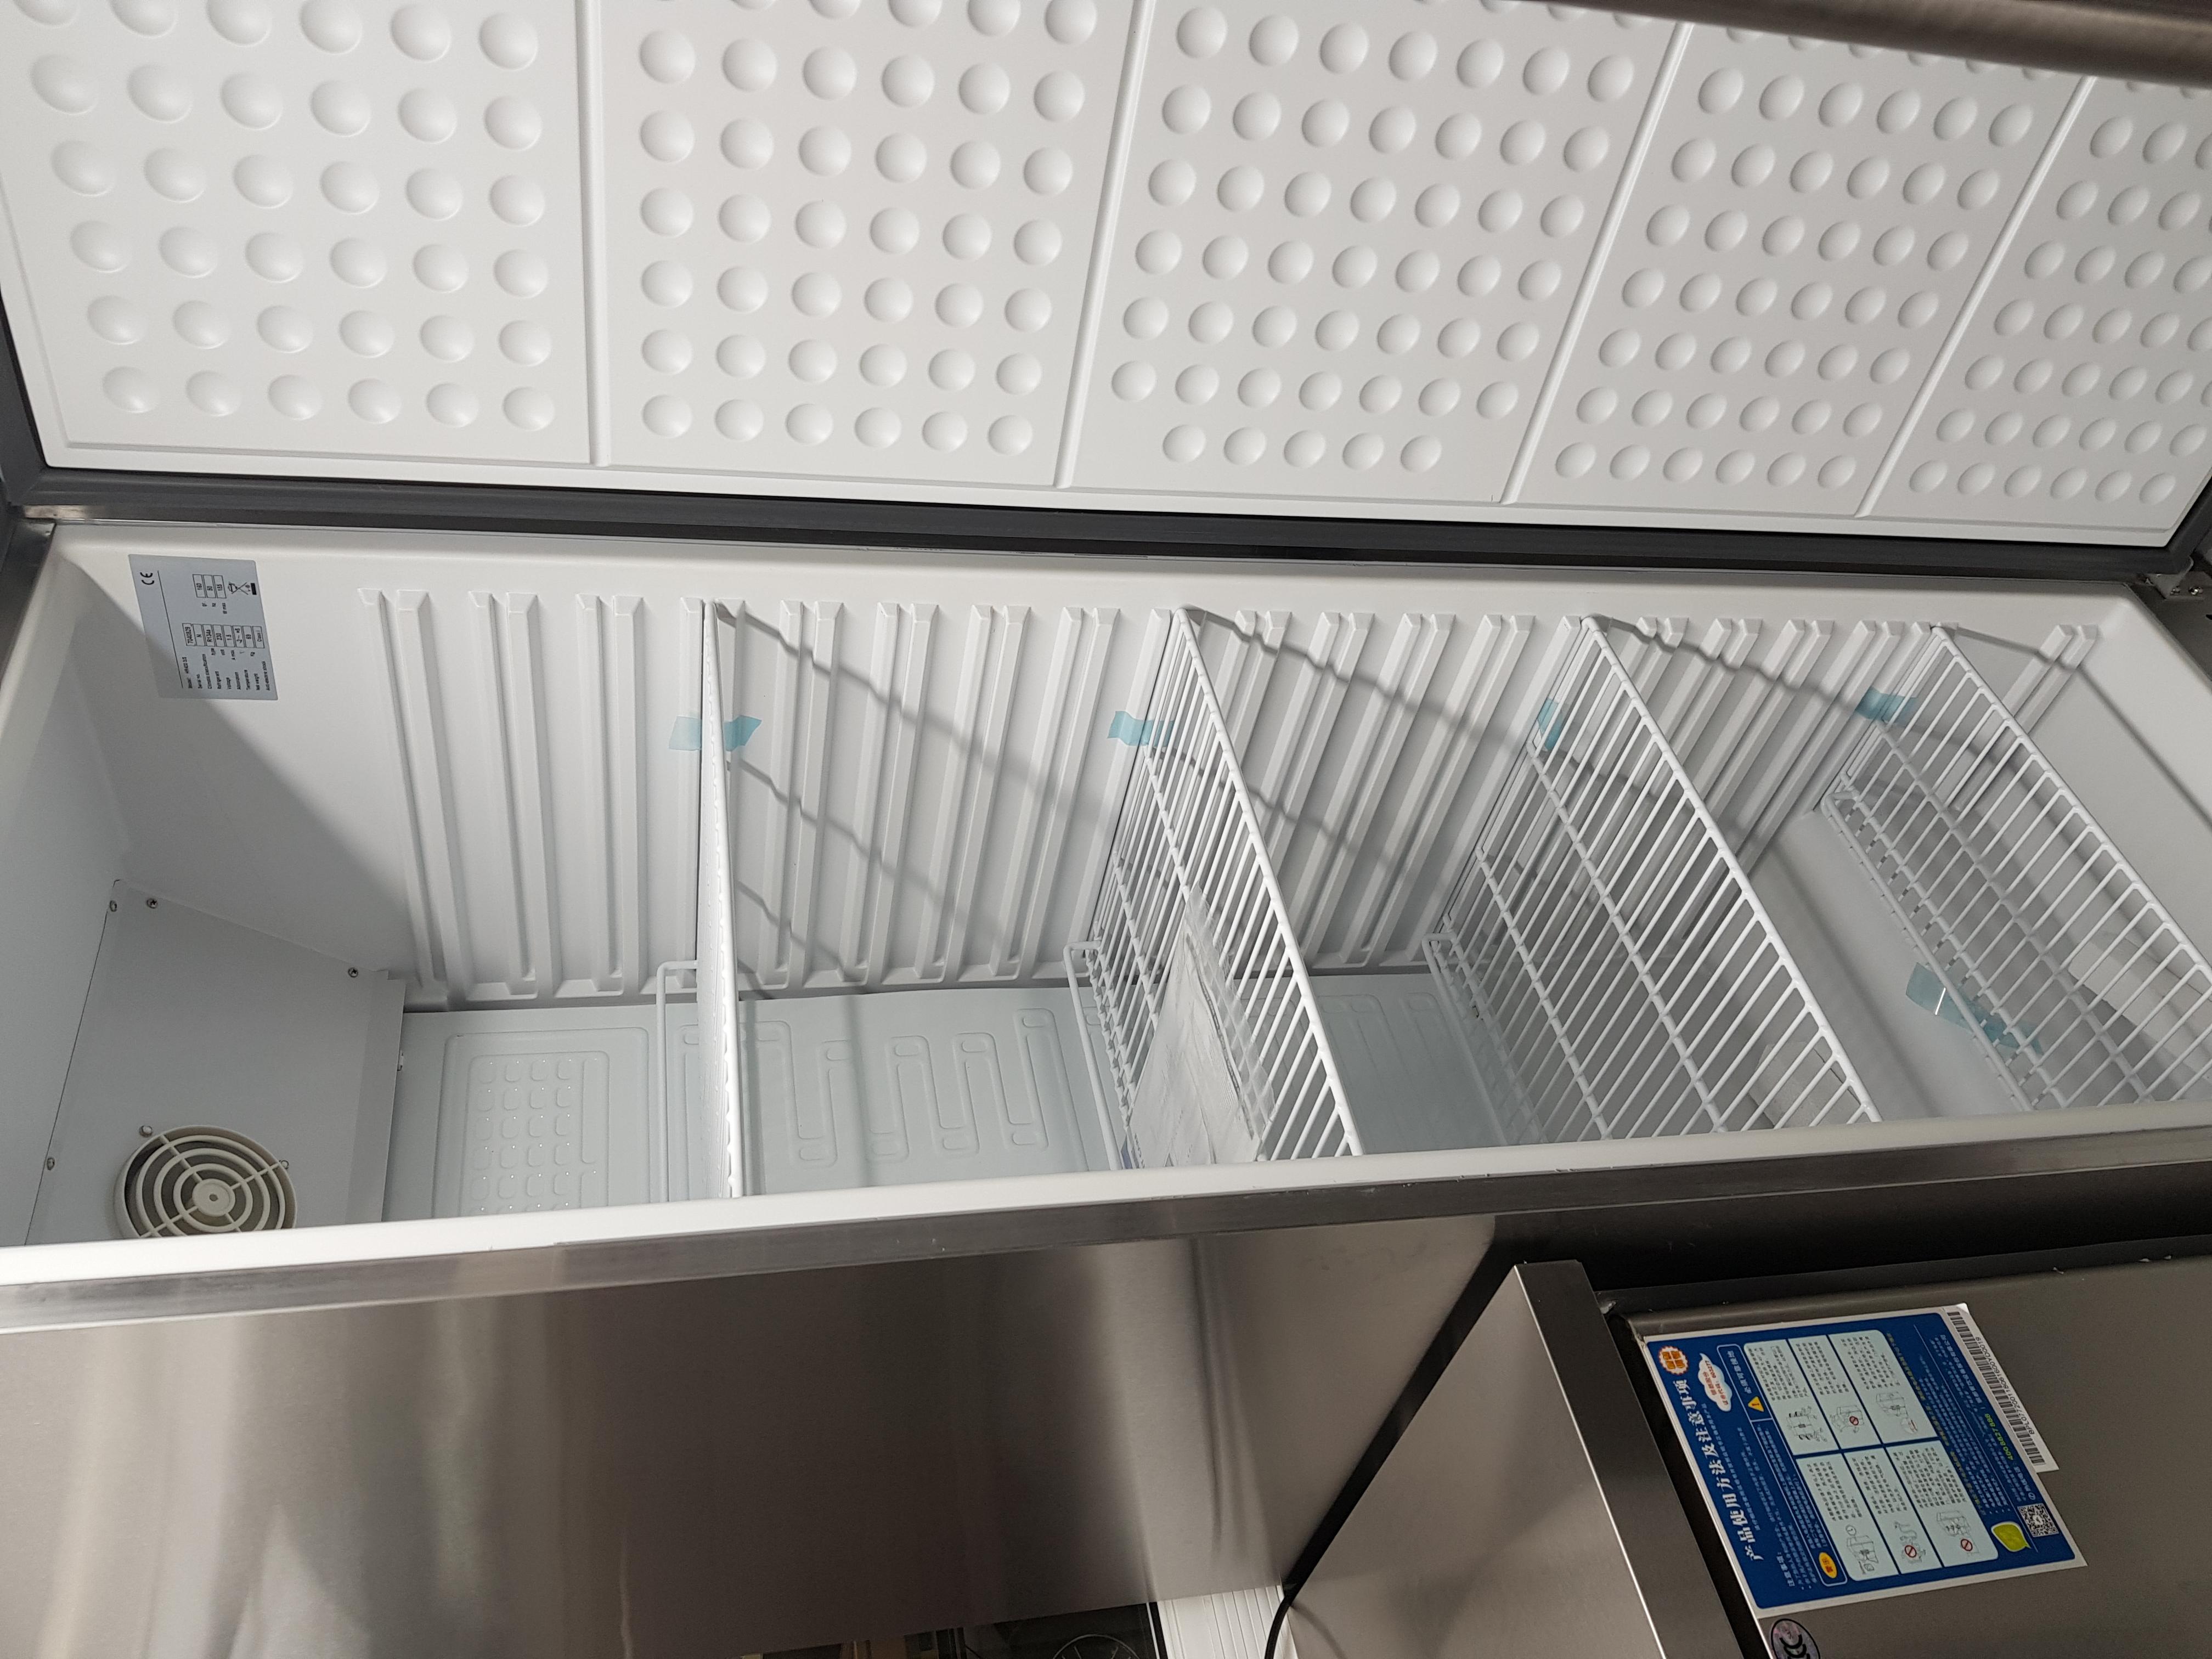 F.E.D fridge